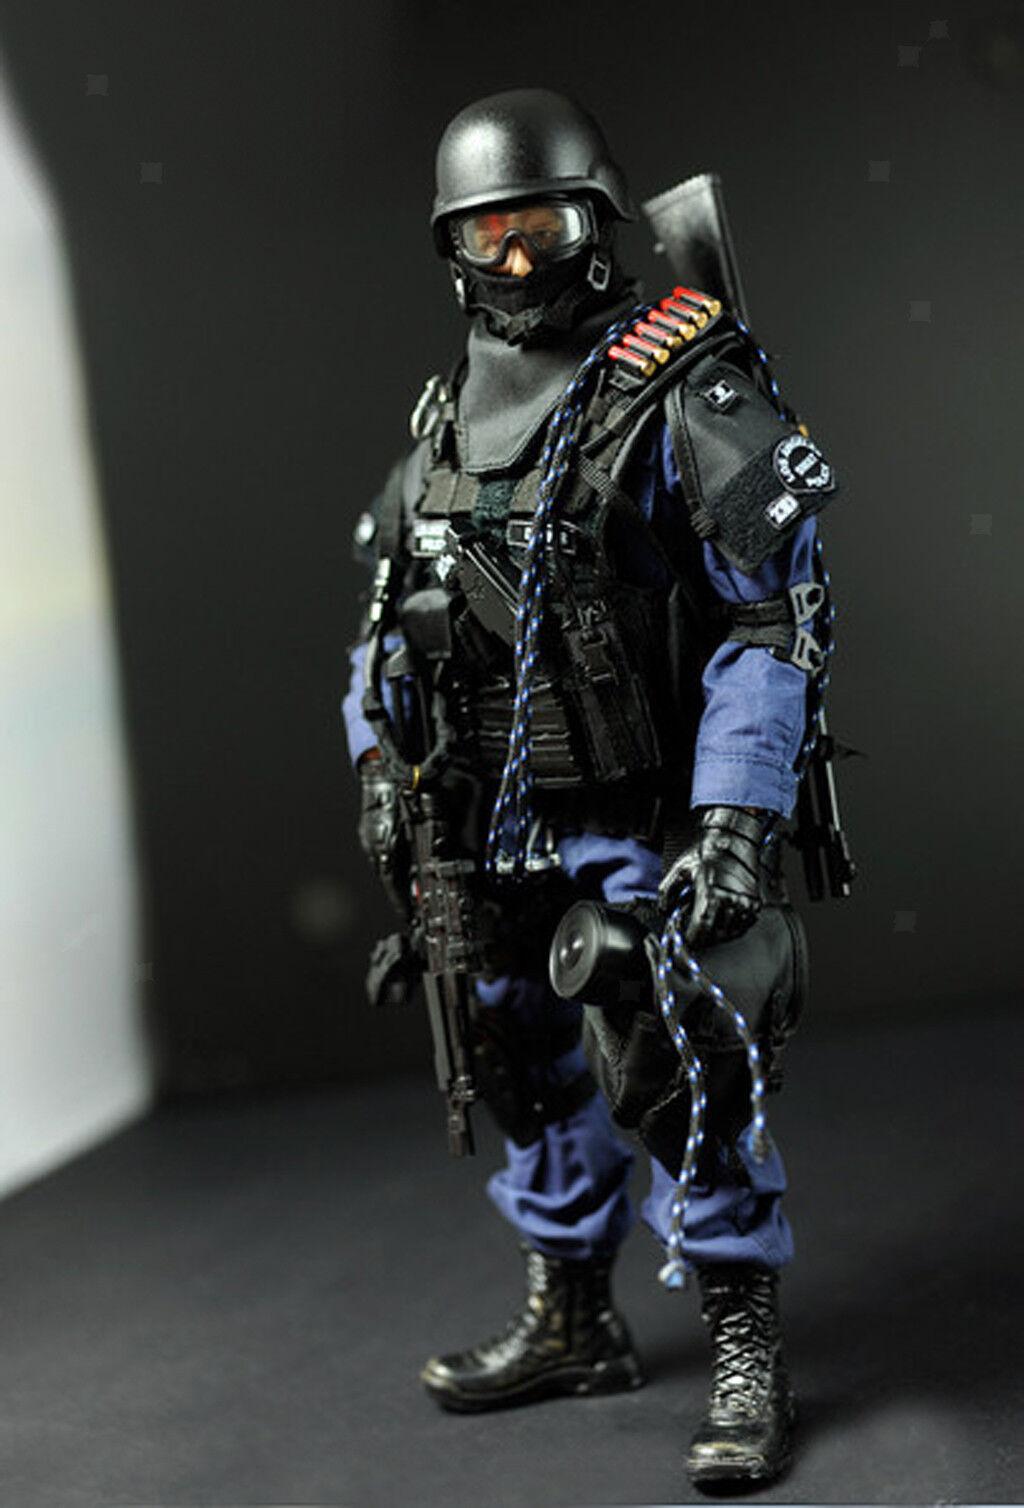 SWAT Soldato Speciale ha aggrossoito aggressore Action Figure W. un accesso SCALA 1/6